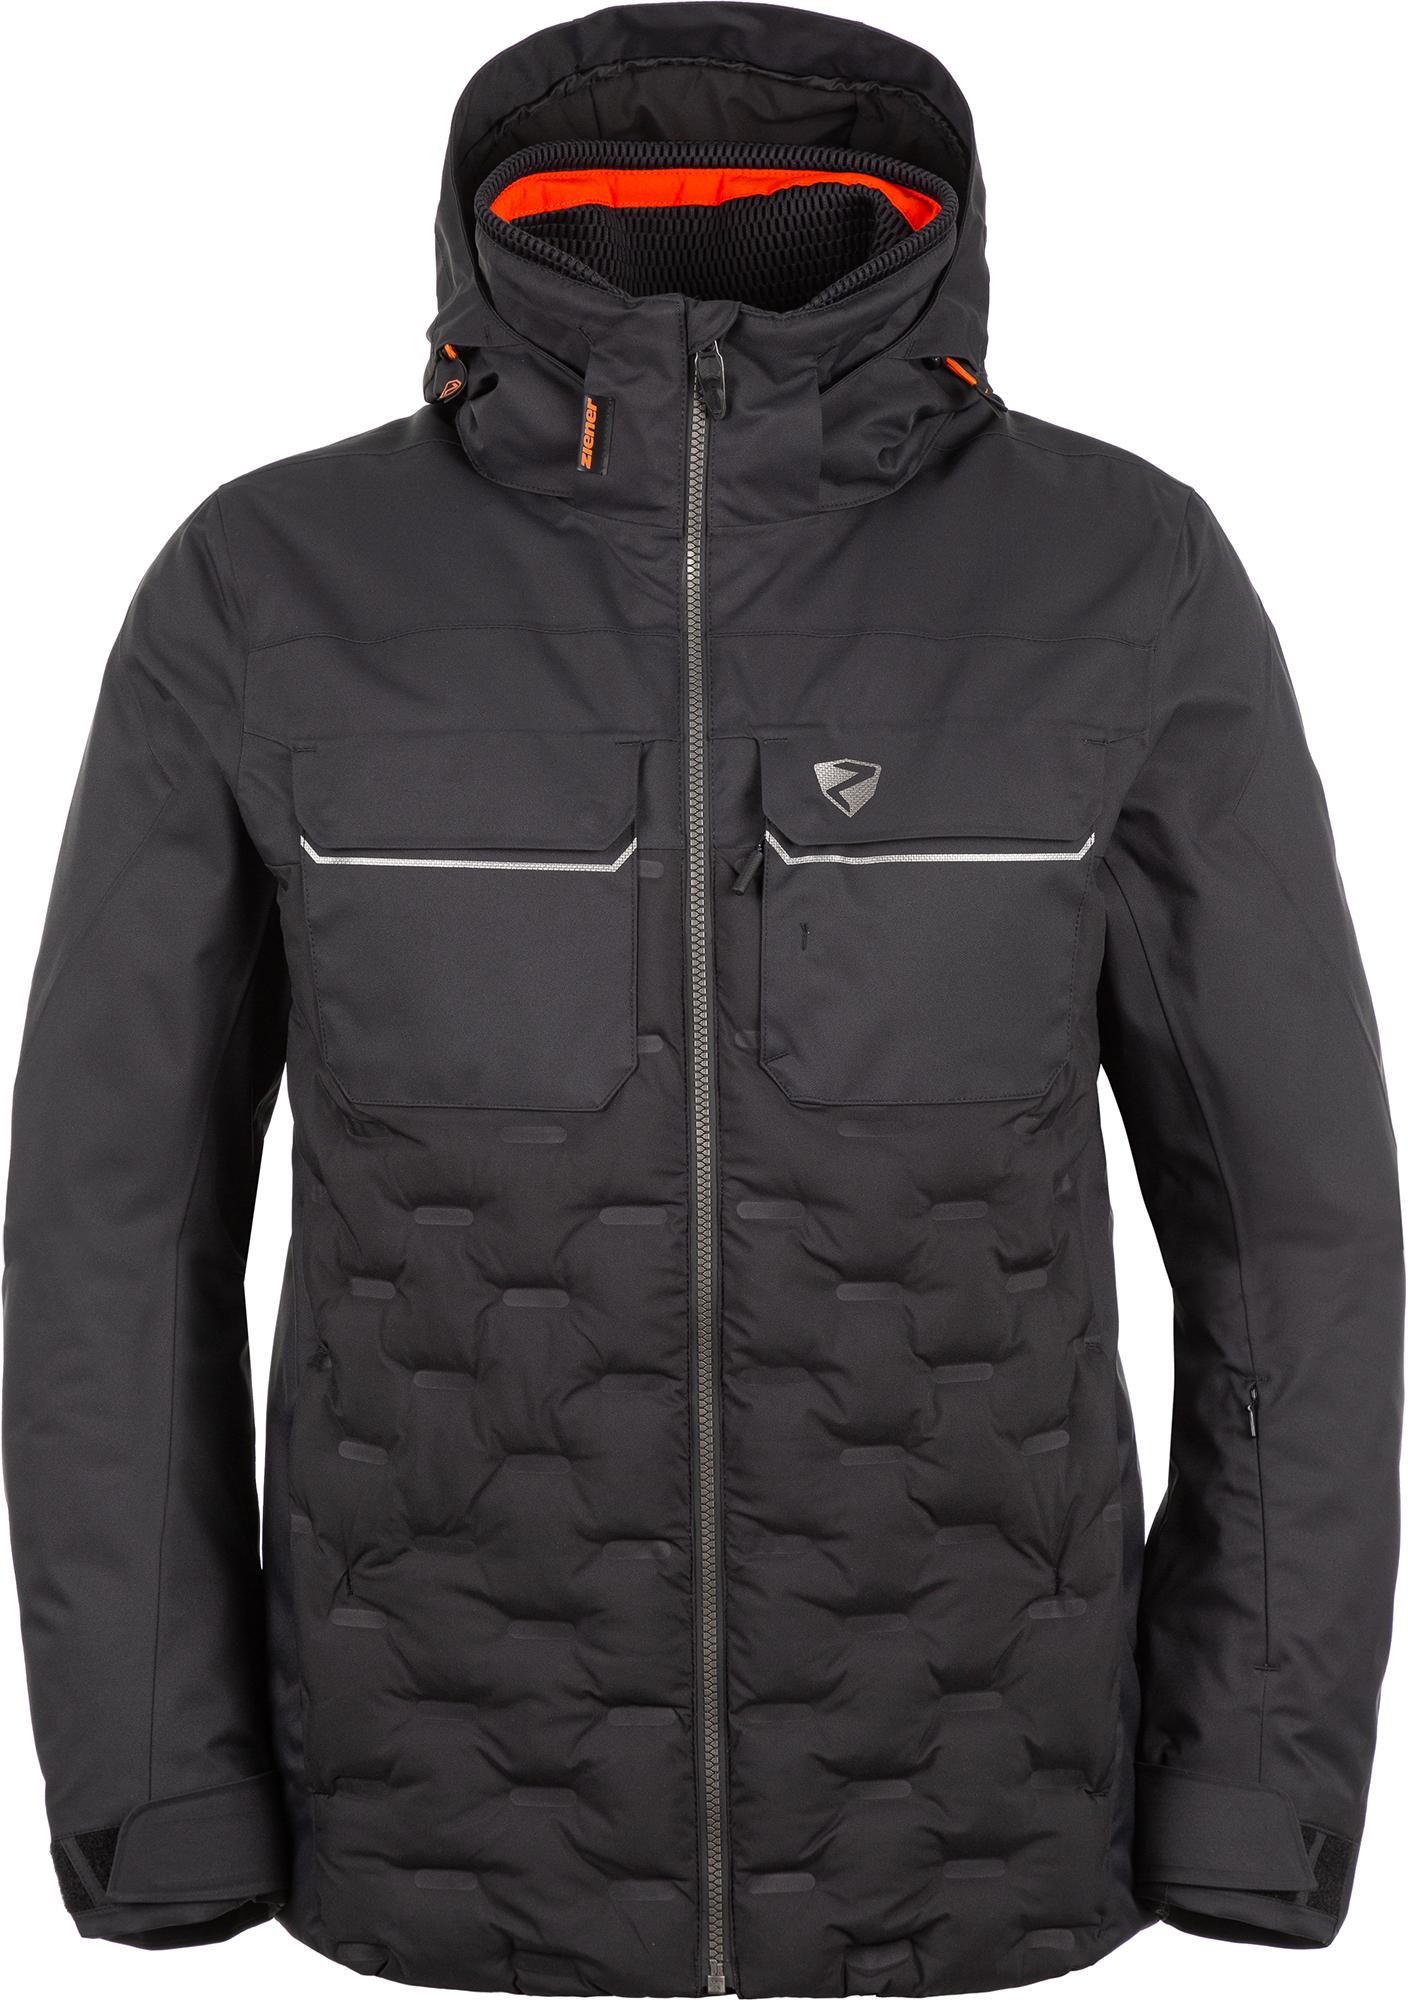 Ziener Куртка утепленная мужская Ziener Tucannon, размер 50